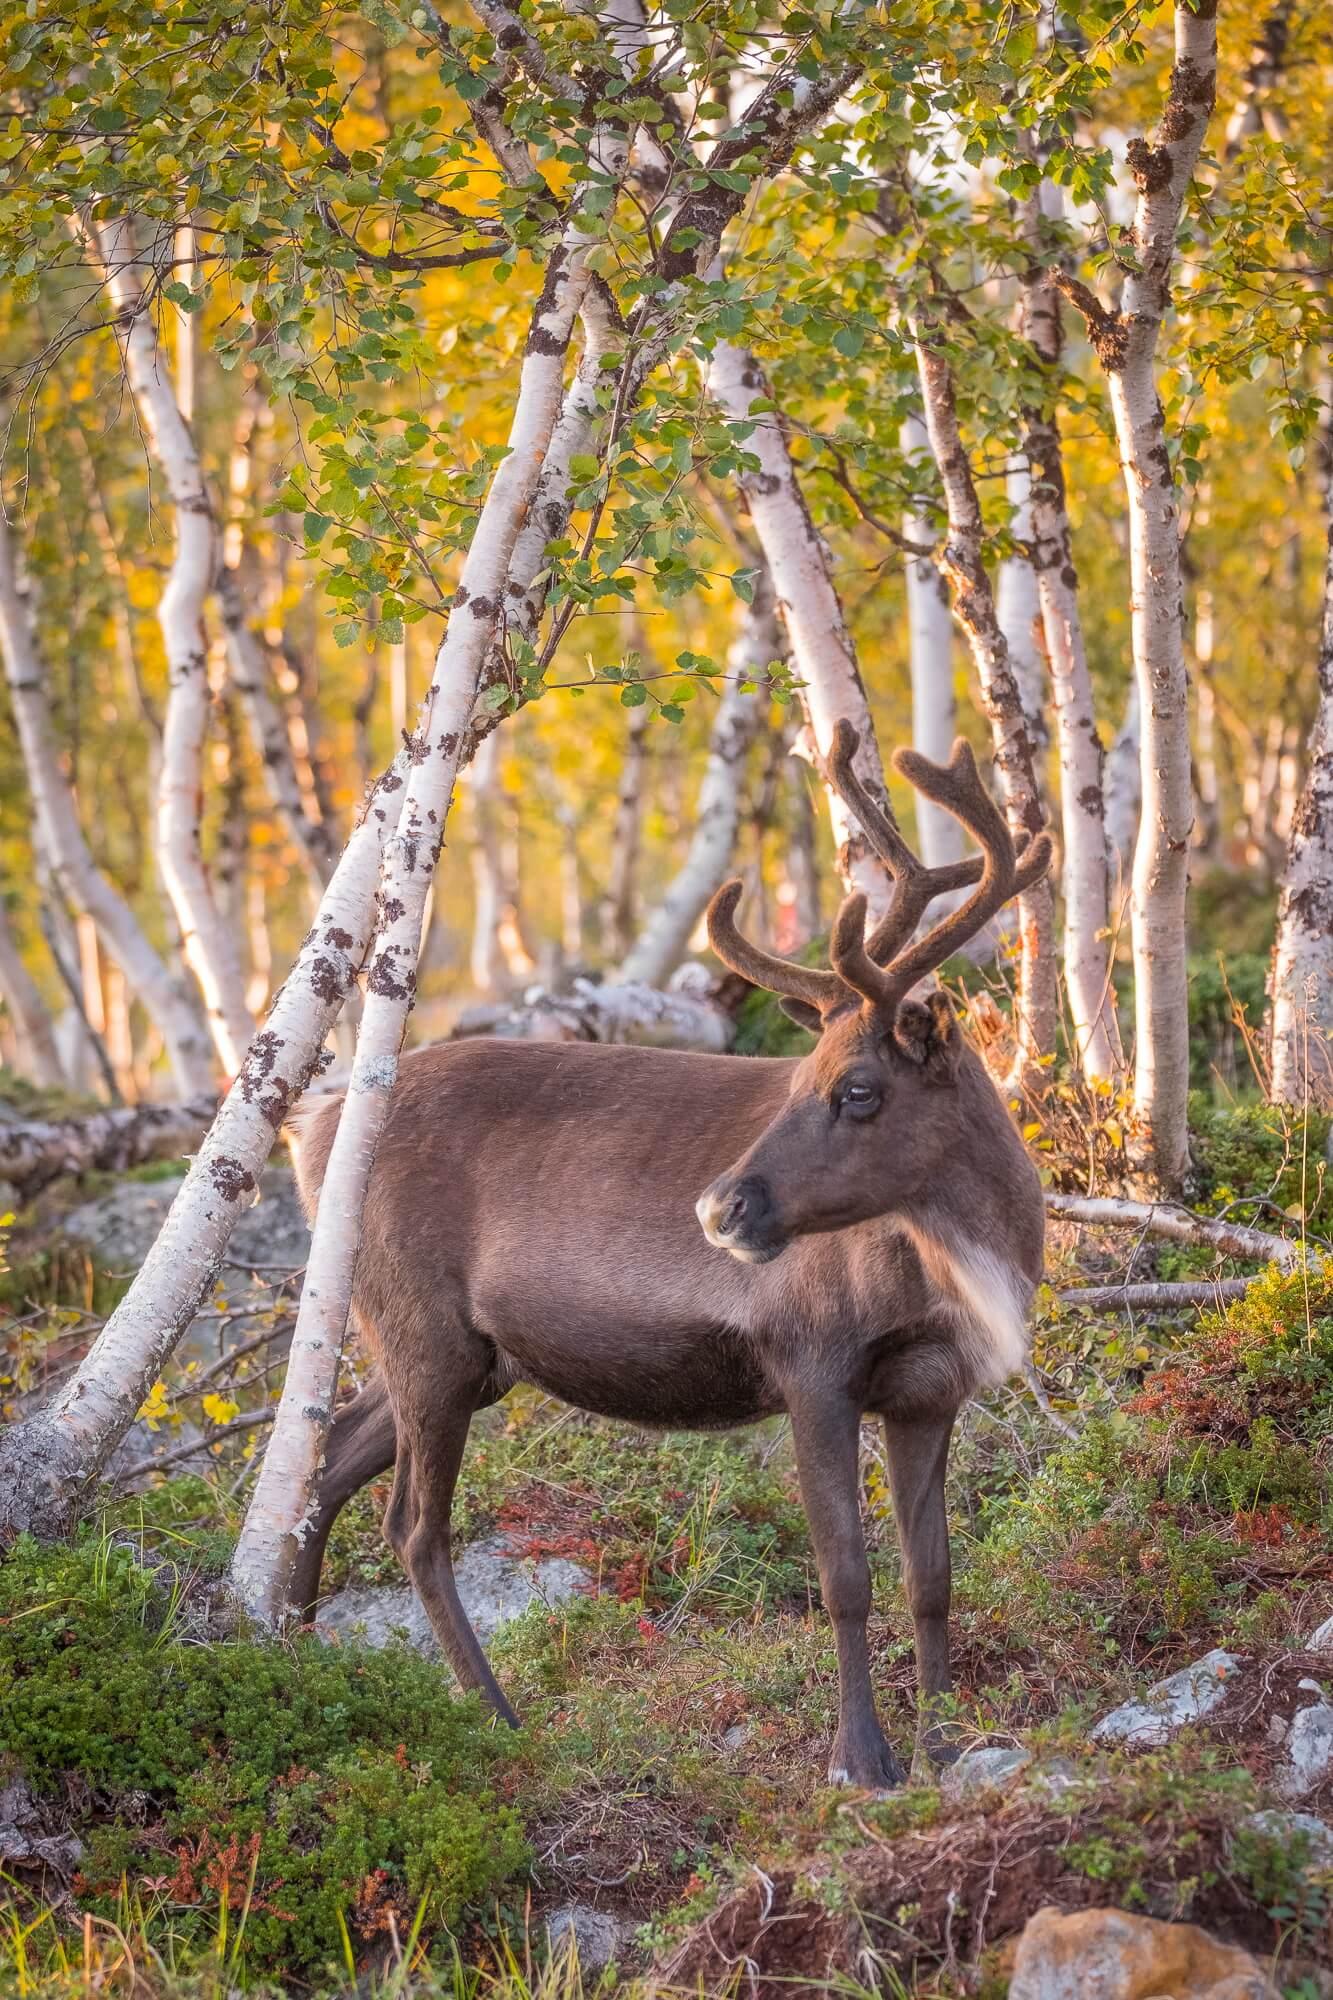 Finnland - Die Rentiere in den bunten Herbstwäldern hatten etwas Märchenhaftes